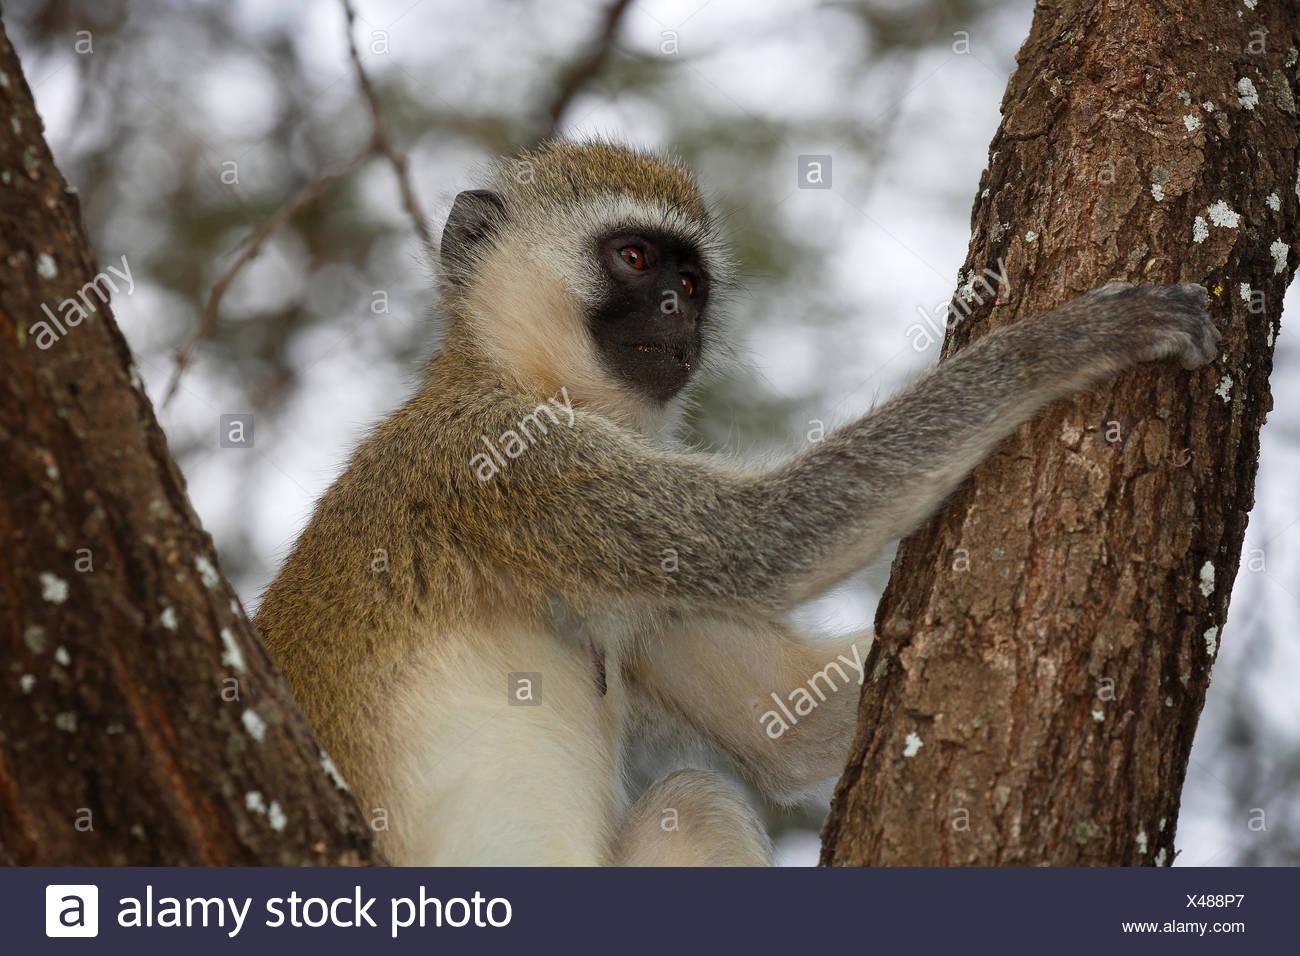 Suedliche Gruene Meerkatze (Chlorocebus pygerythrus), Lake Manyara Nationalpark, Tansania, Afrika - Stock Image